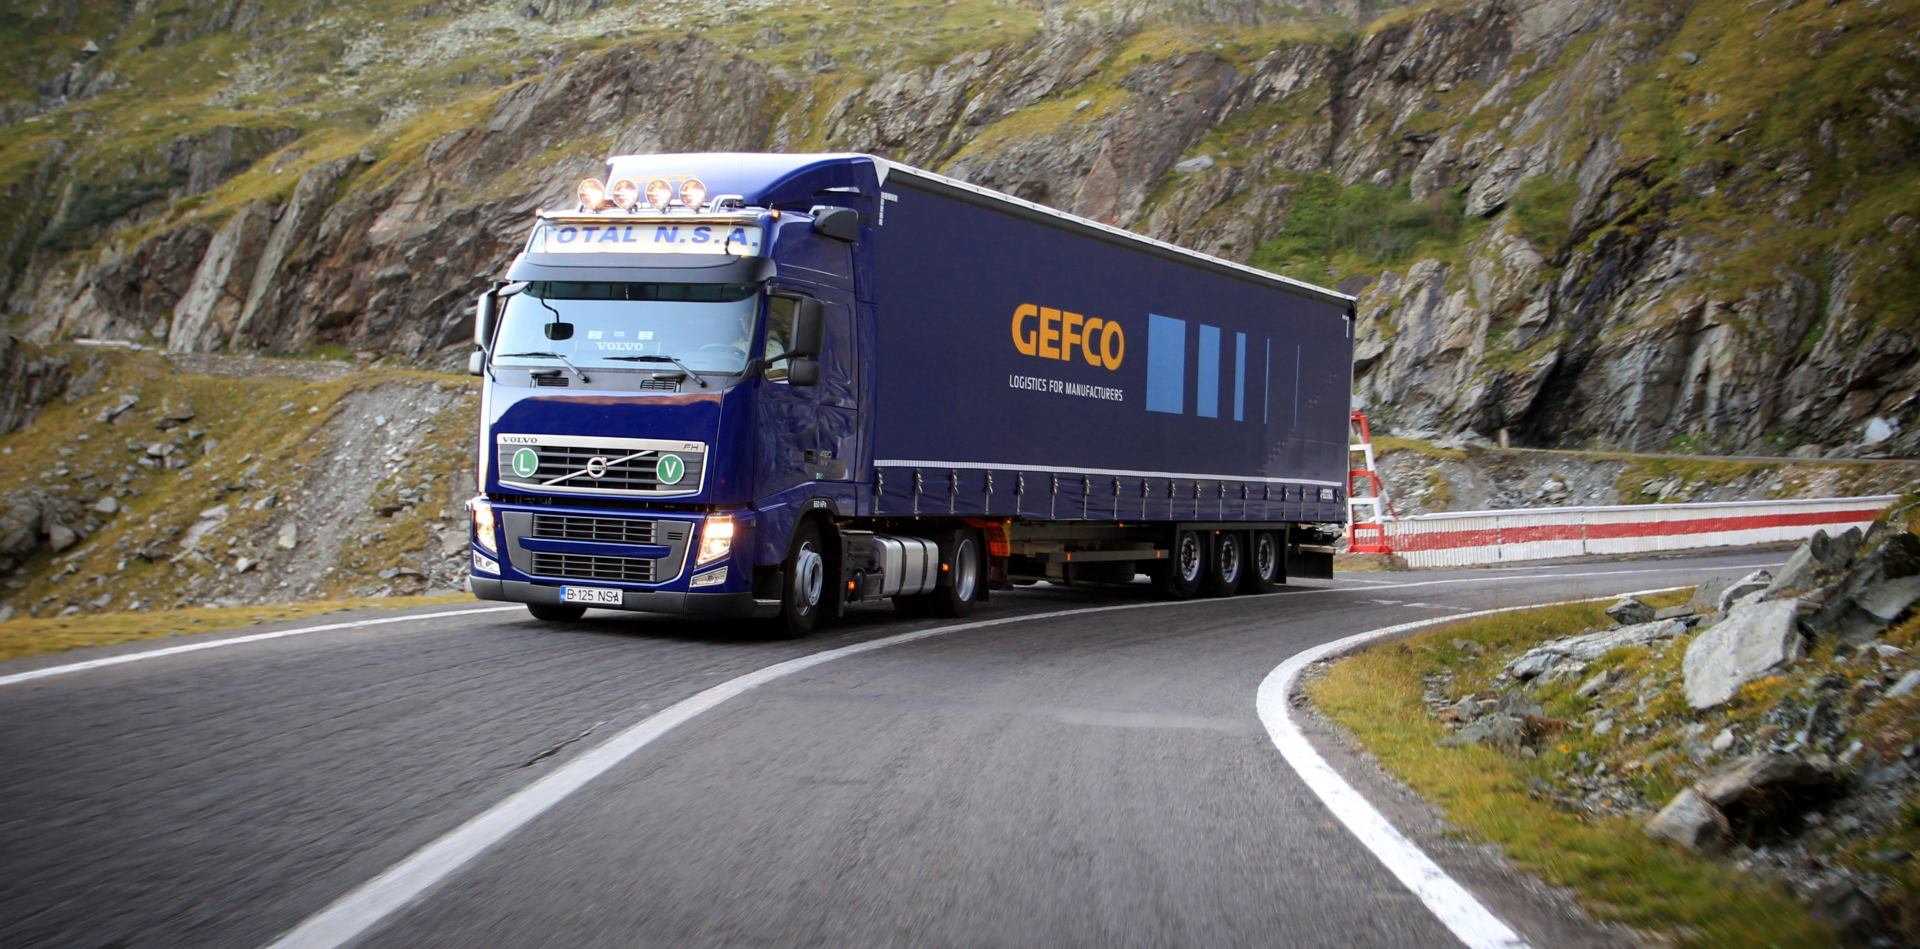 Grupa GEFCO službeno objavljuje početak poslovanja u Grčkoj